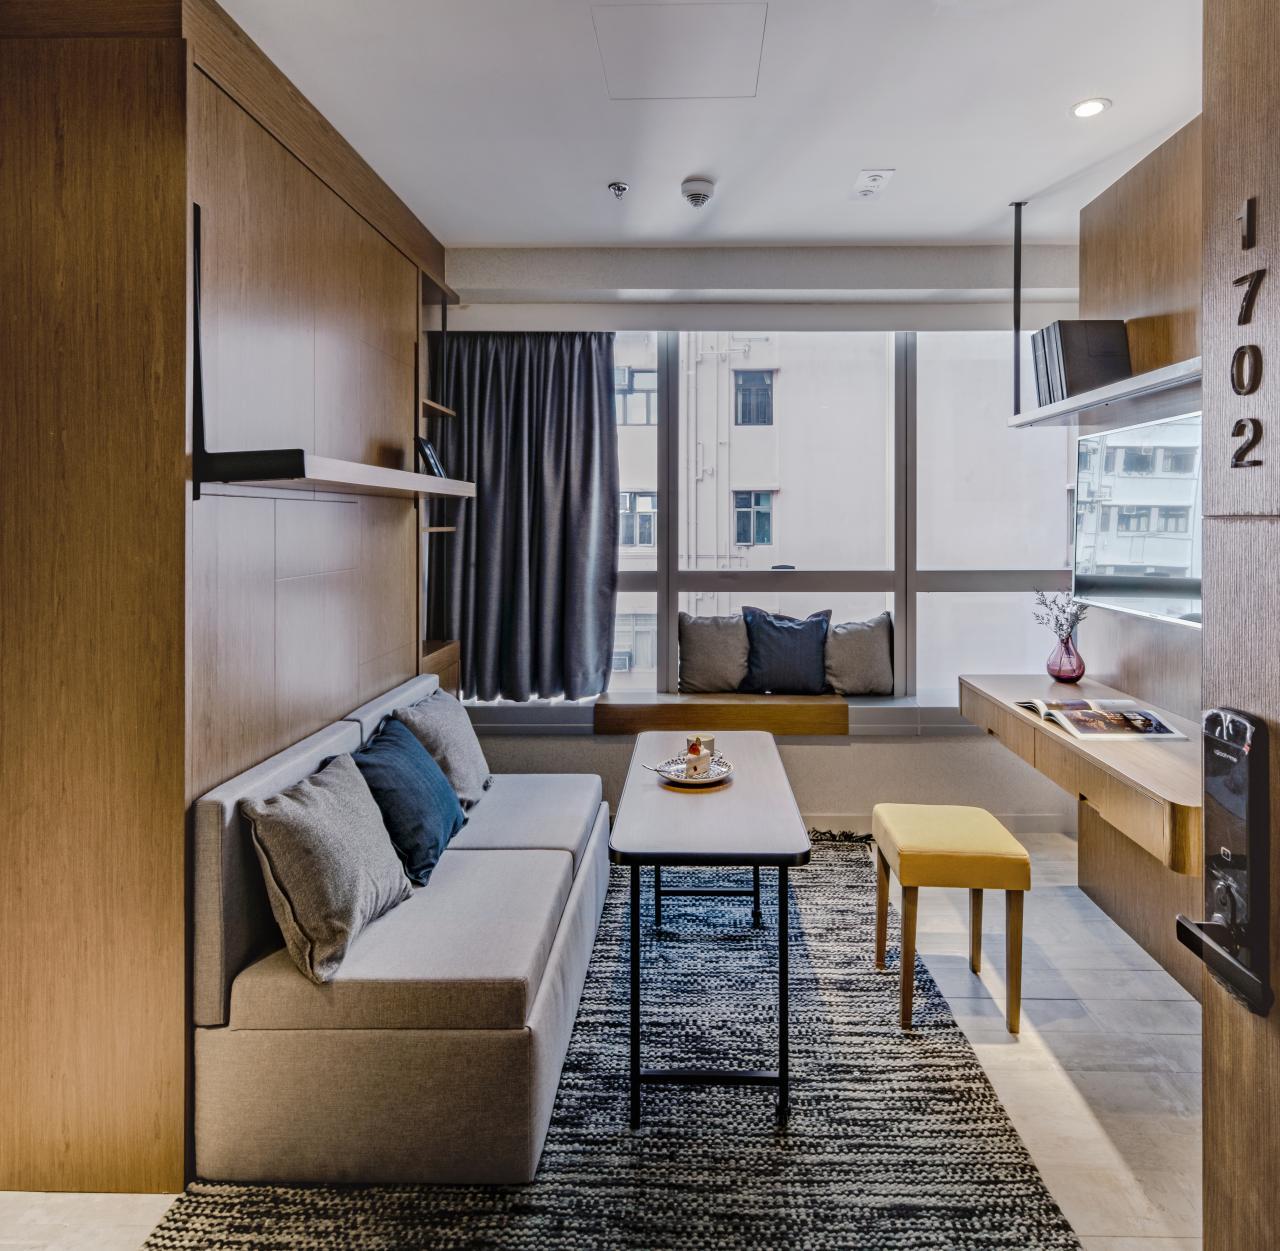 活託邦Oootopia繼早前於啟德及大角咀開幕的共居項目,九月將於香港大學港鐵站附近落成第三個共居住宅項目活託邦 · 西環。